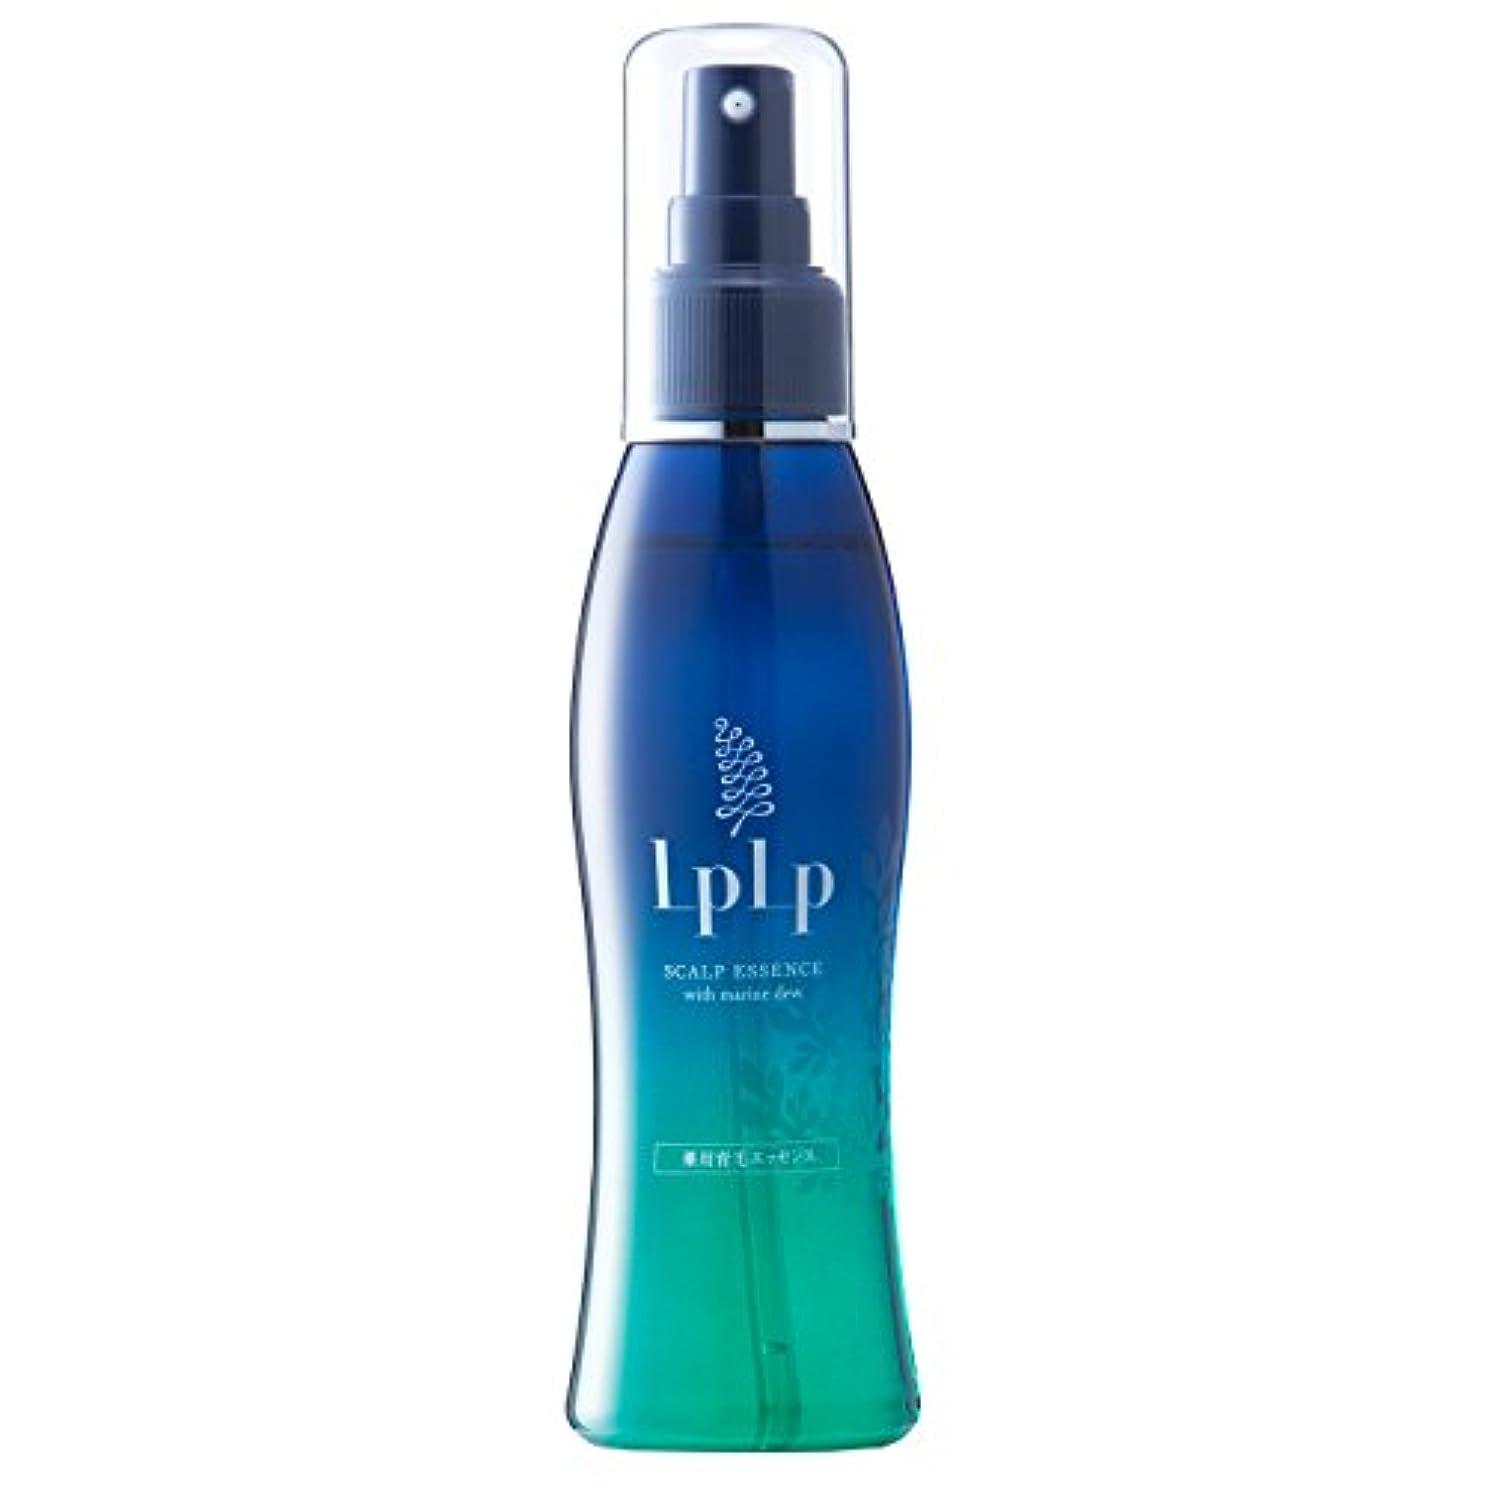 目立つ七時半はさみLPLP(ルプルプ) 薬用育毛エッセンス 150ml (医薬部外品)